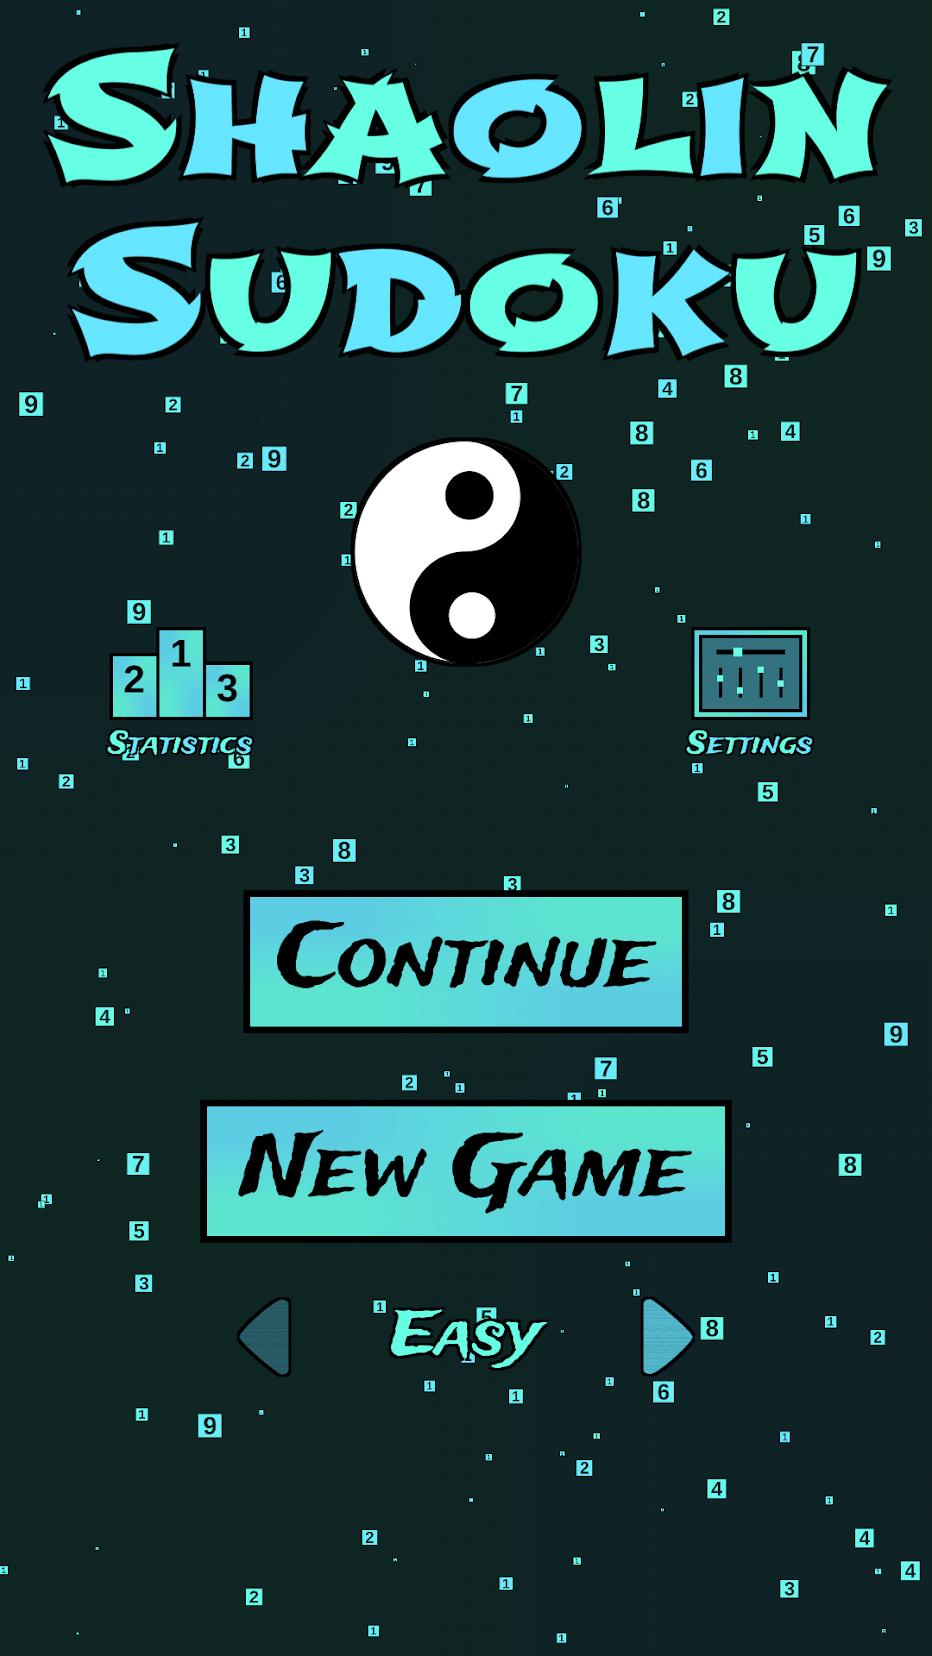 Shaolin Sudoku